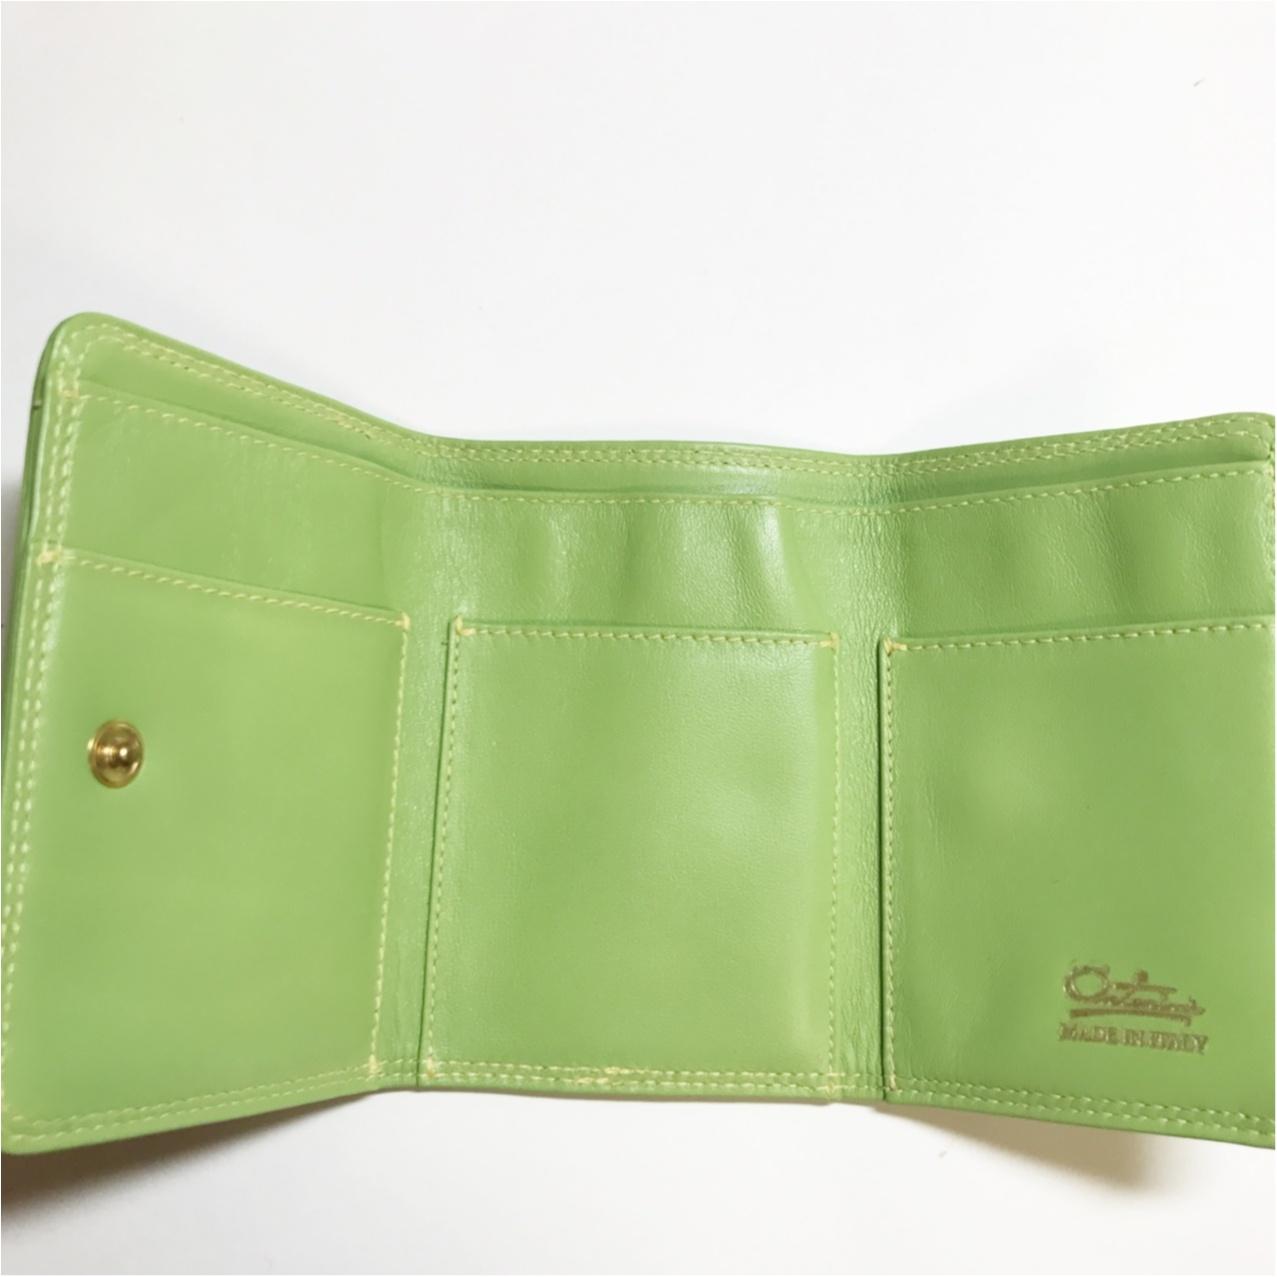 《ミニバッグの日のお供はコレ♡》和光の三つ折り財布がいちばん使いやすいっ!_3